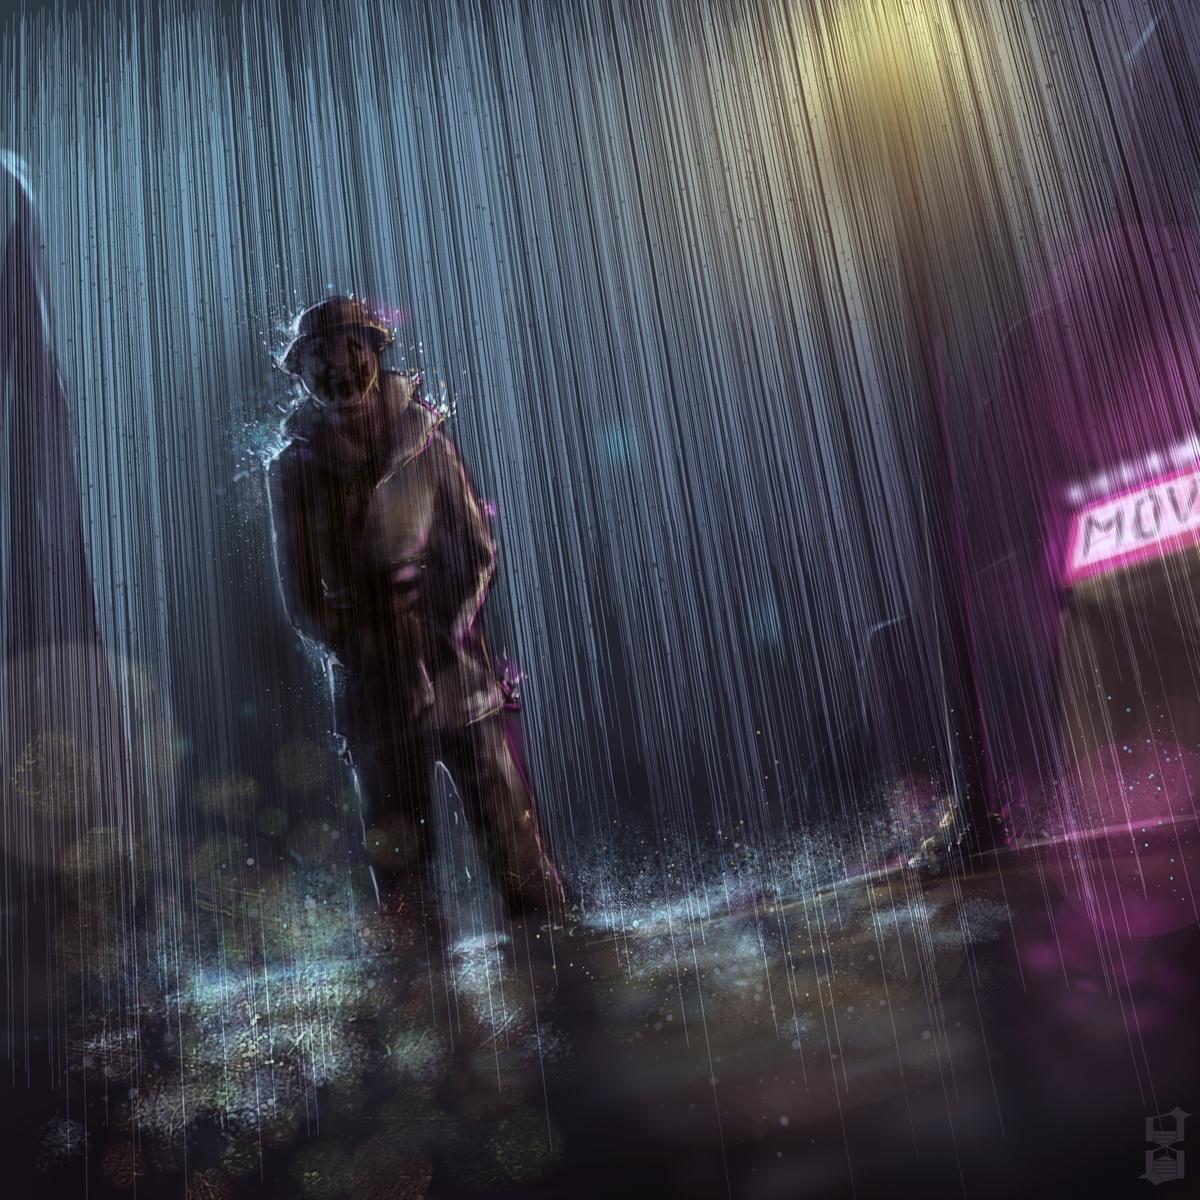 Under the rain by dekades8